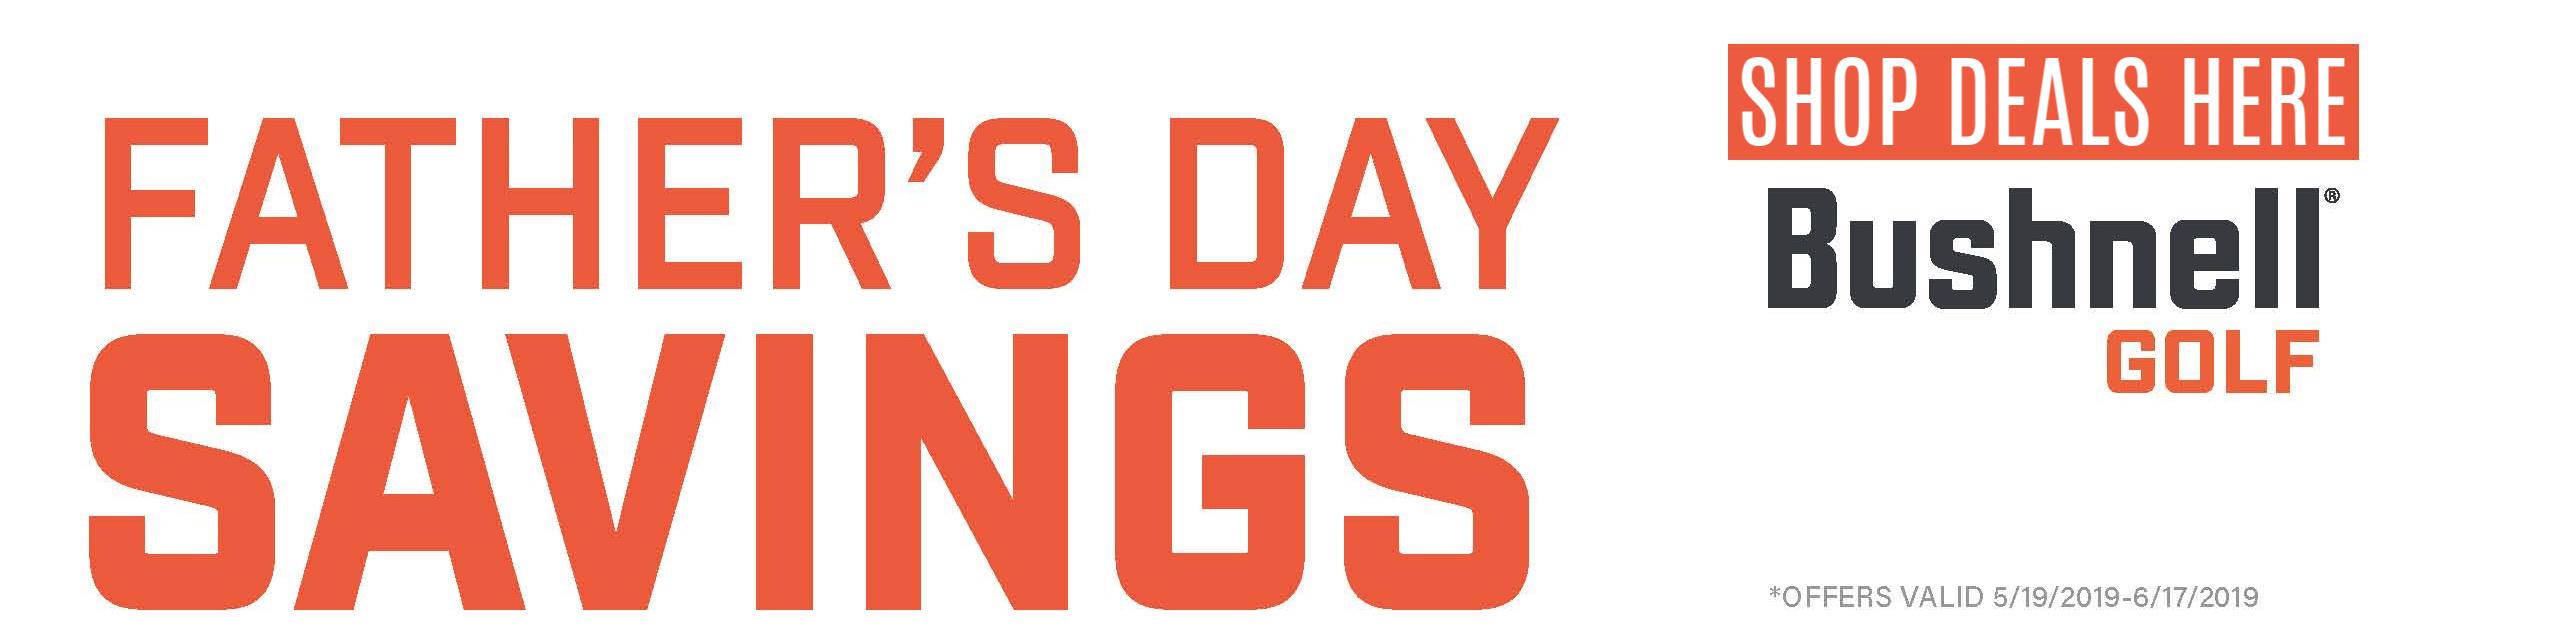 2019-bushnellgolf-fathersday-promo-banner.jpg